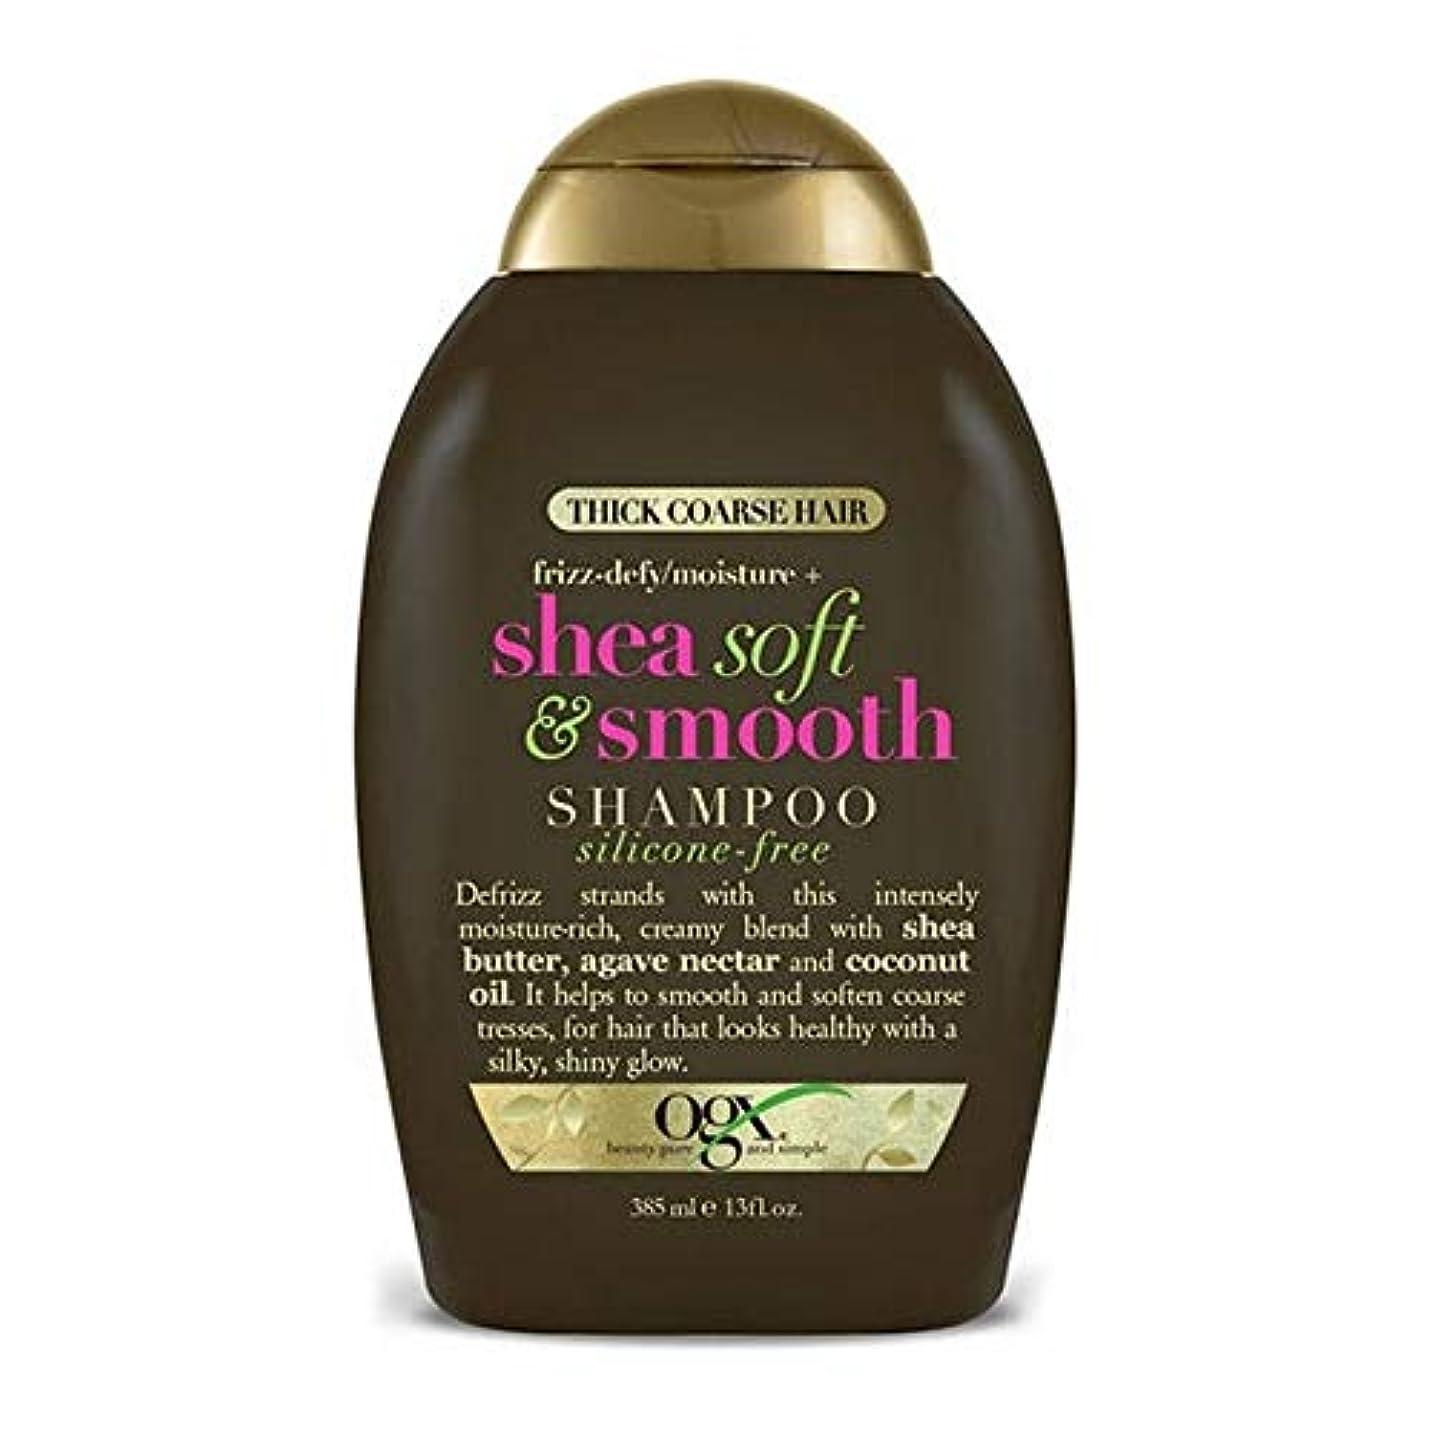 腐った第五知らせる[Ogx] Ogxシリコンフリーシアソフトで滑らかなシャンプー385ミリリットル - OGX Silicone-Free Shea Soft and Smooth Shampoo 385ml [並行輸入品]